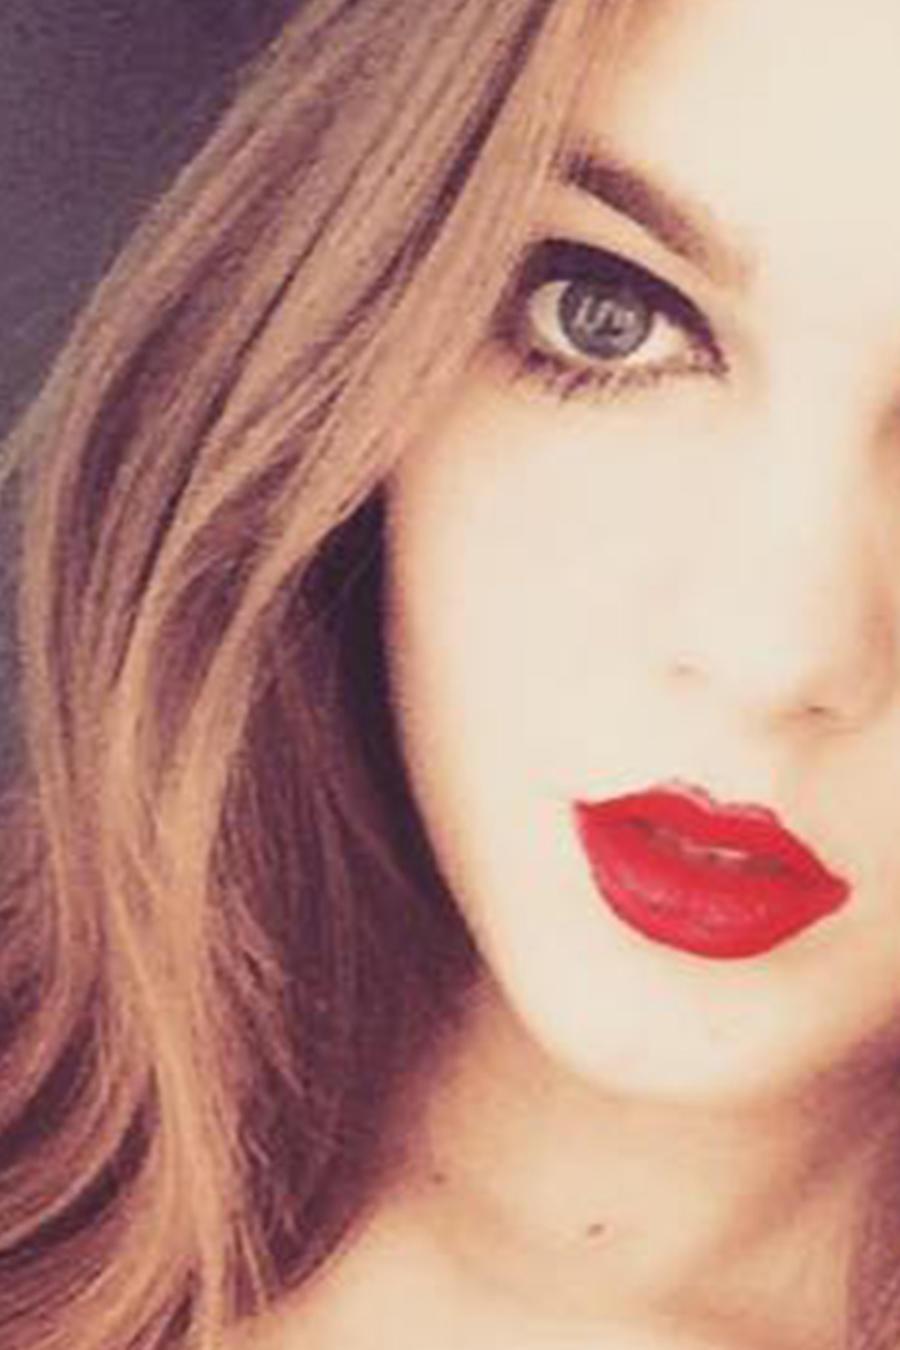 La joven Emma Hulse asegura que perdió su trabajo por ser hermosa